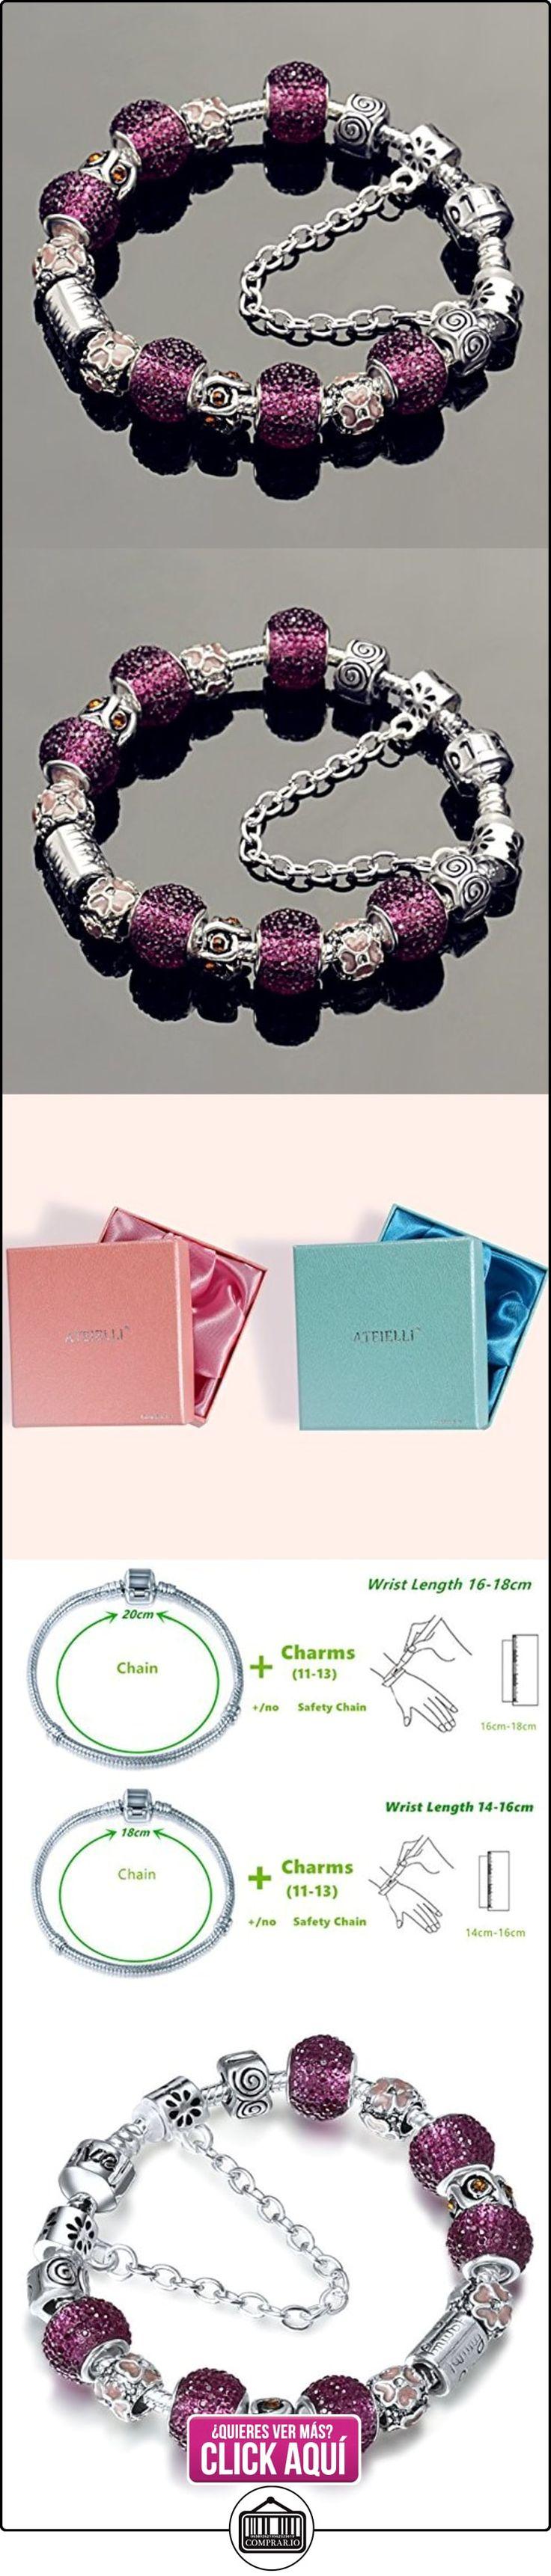 A TE® Charm Pulsera Violeta Cristal Mujer con Letras Familia Cadena de Seguridad Regalo #JW-B22  ✿ Joyas para mujer - Las mejores ofertas ✿ ▬► Ver oferta: https://comprar.io/goto/B00T33TAJ2